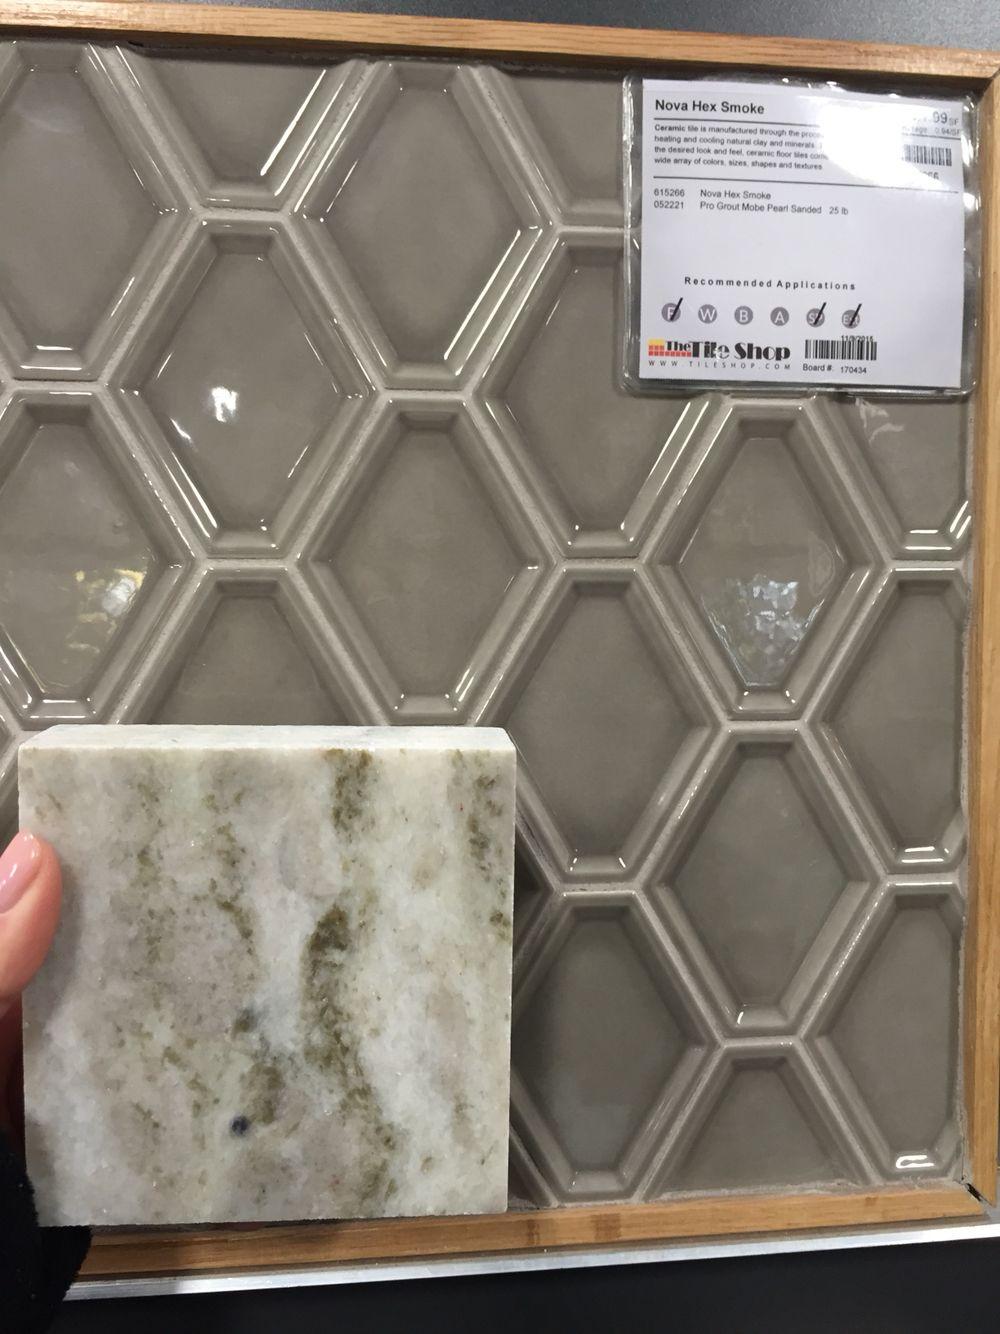 Countertops are fantasy brown granite the backsplash is marble - Backsplash Fantasy Brown Granite